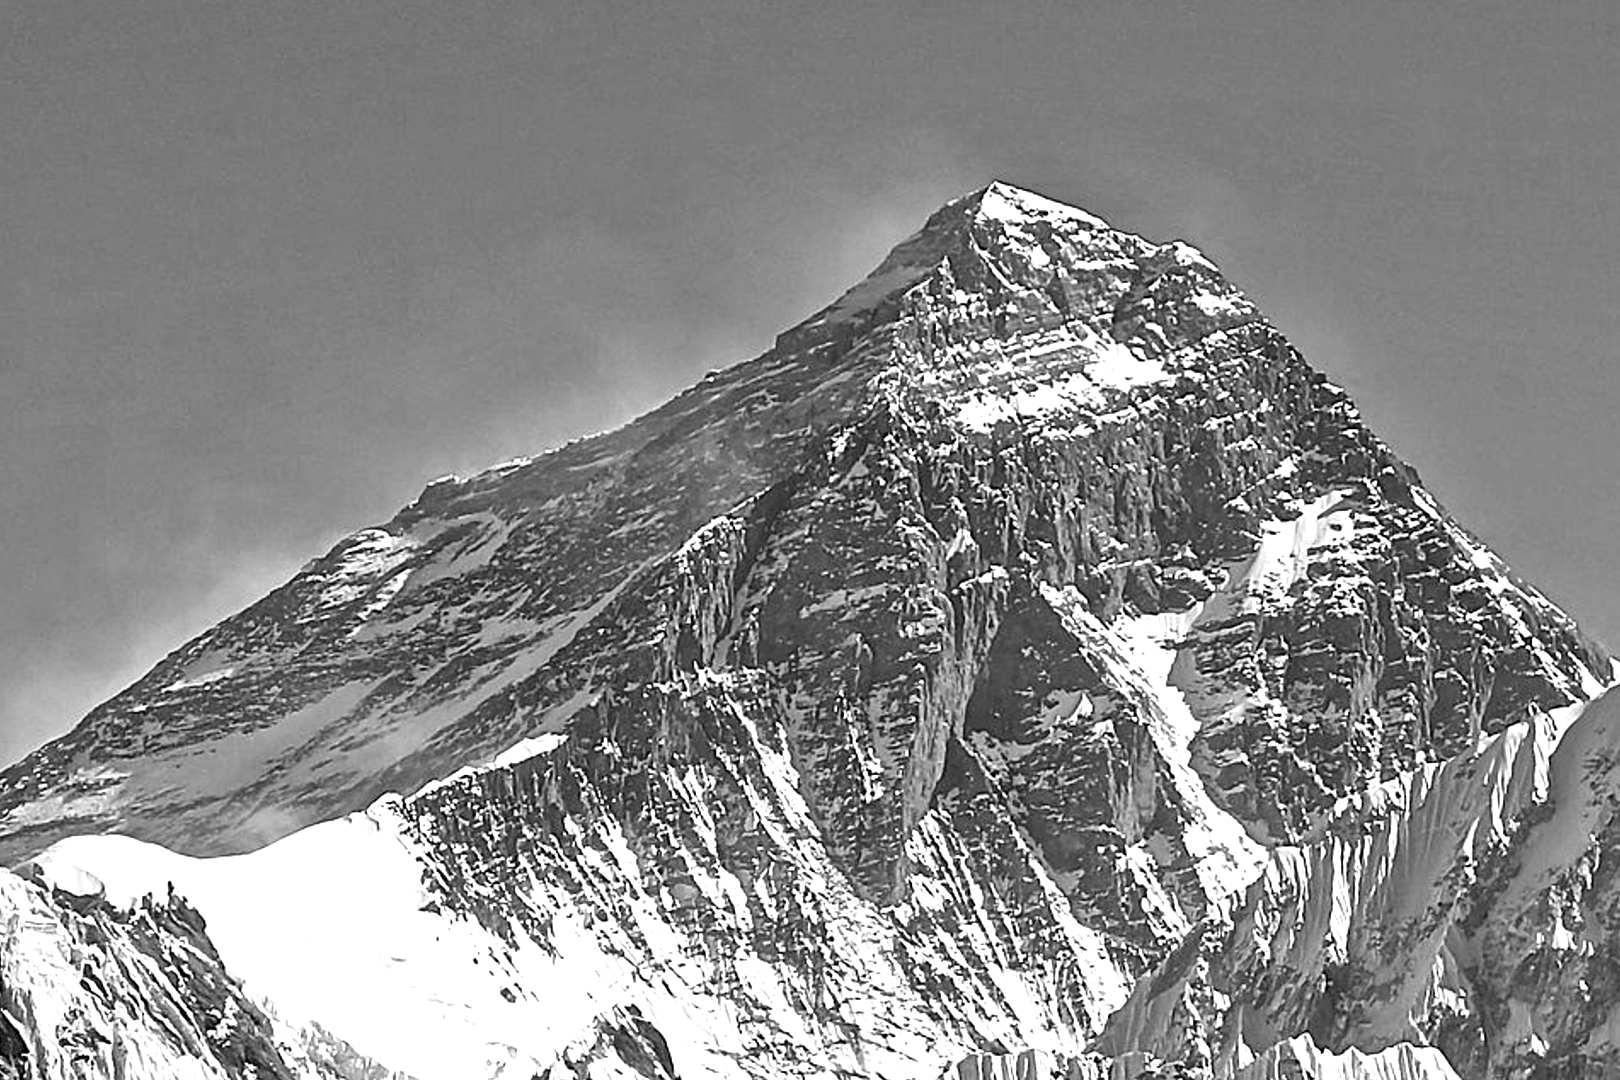 Nie żyje trzecia osoba wspinająca się na Mount Everest w tym sezonie